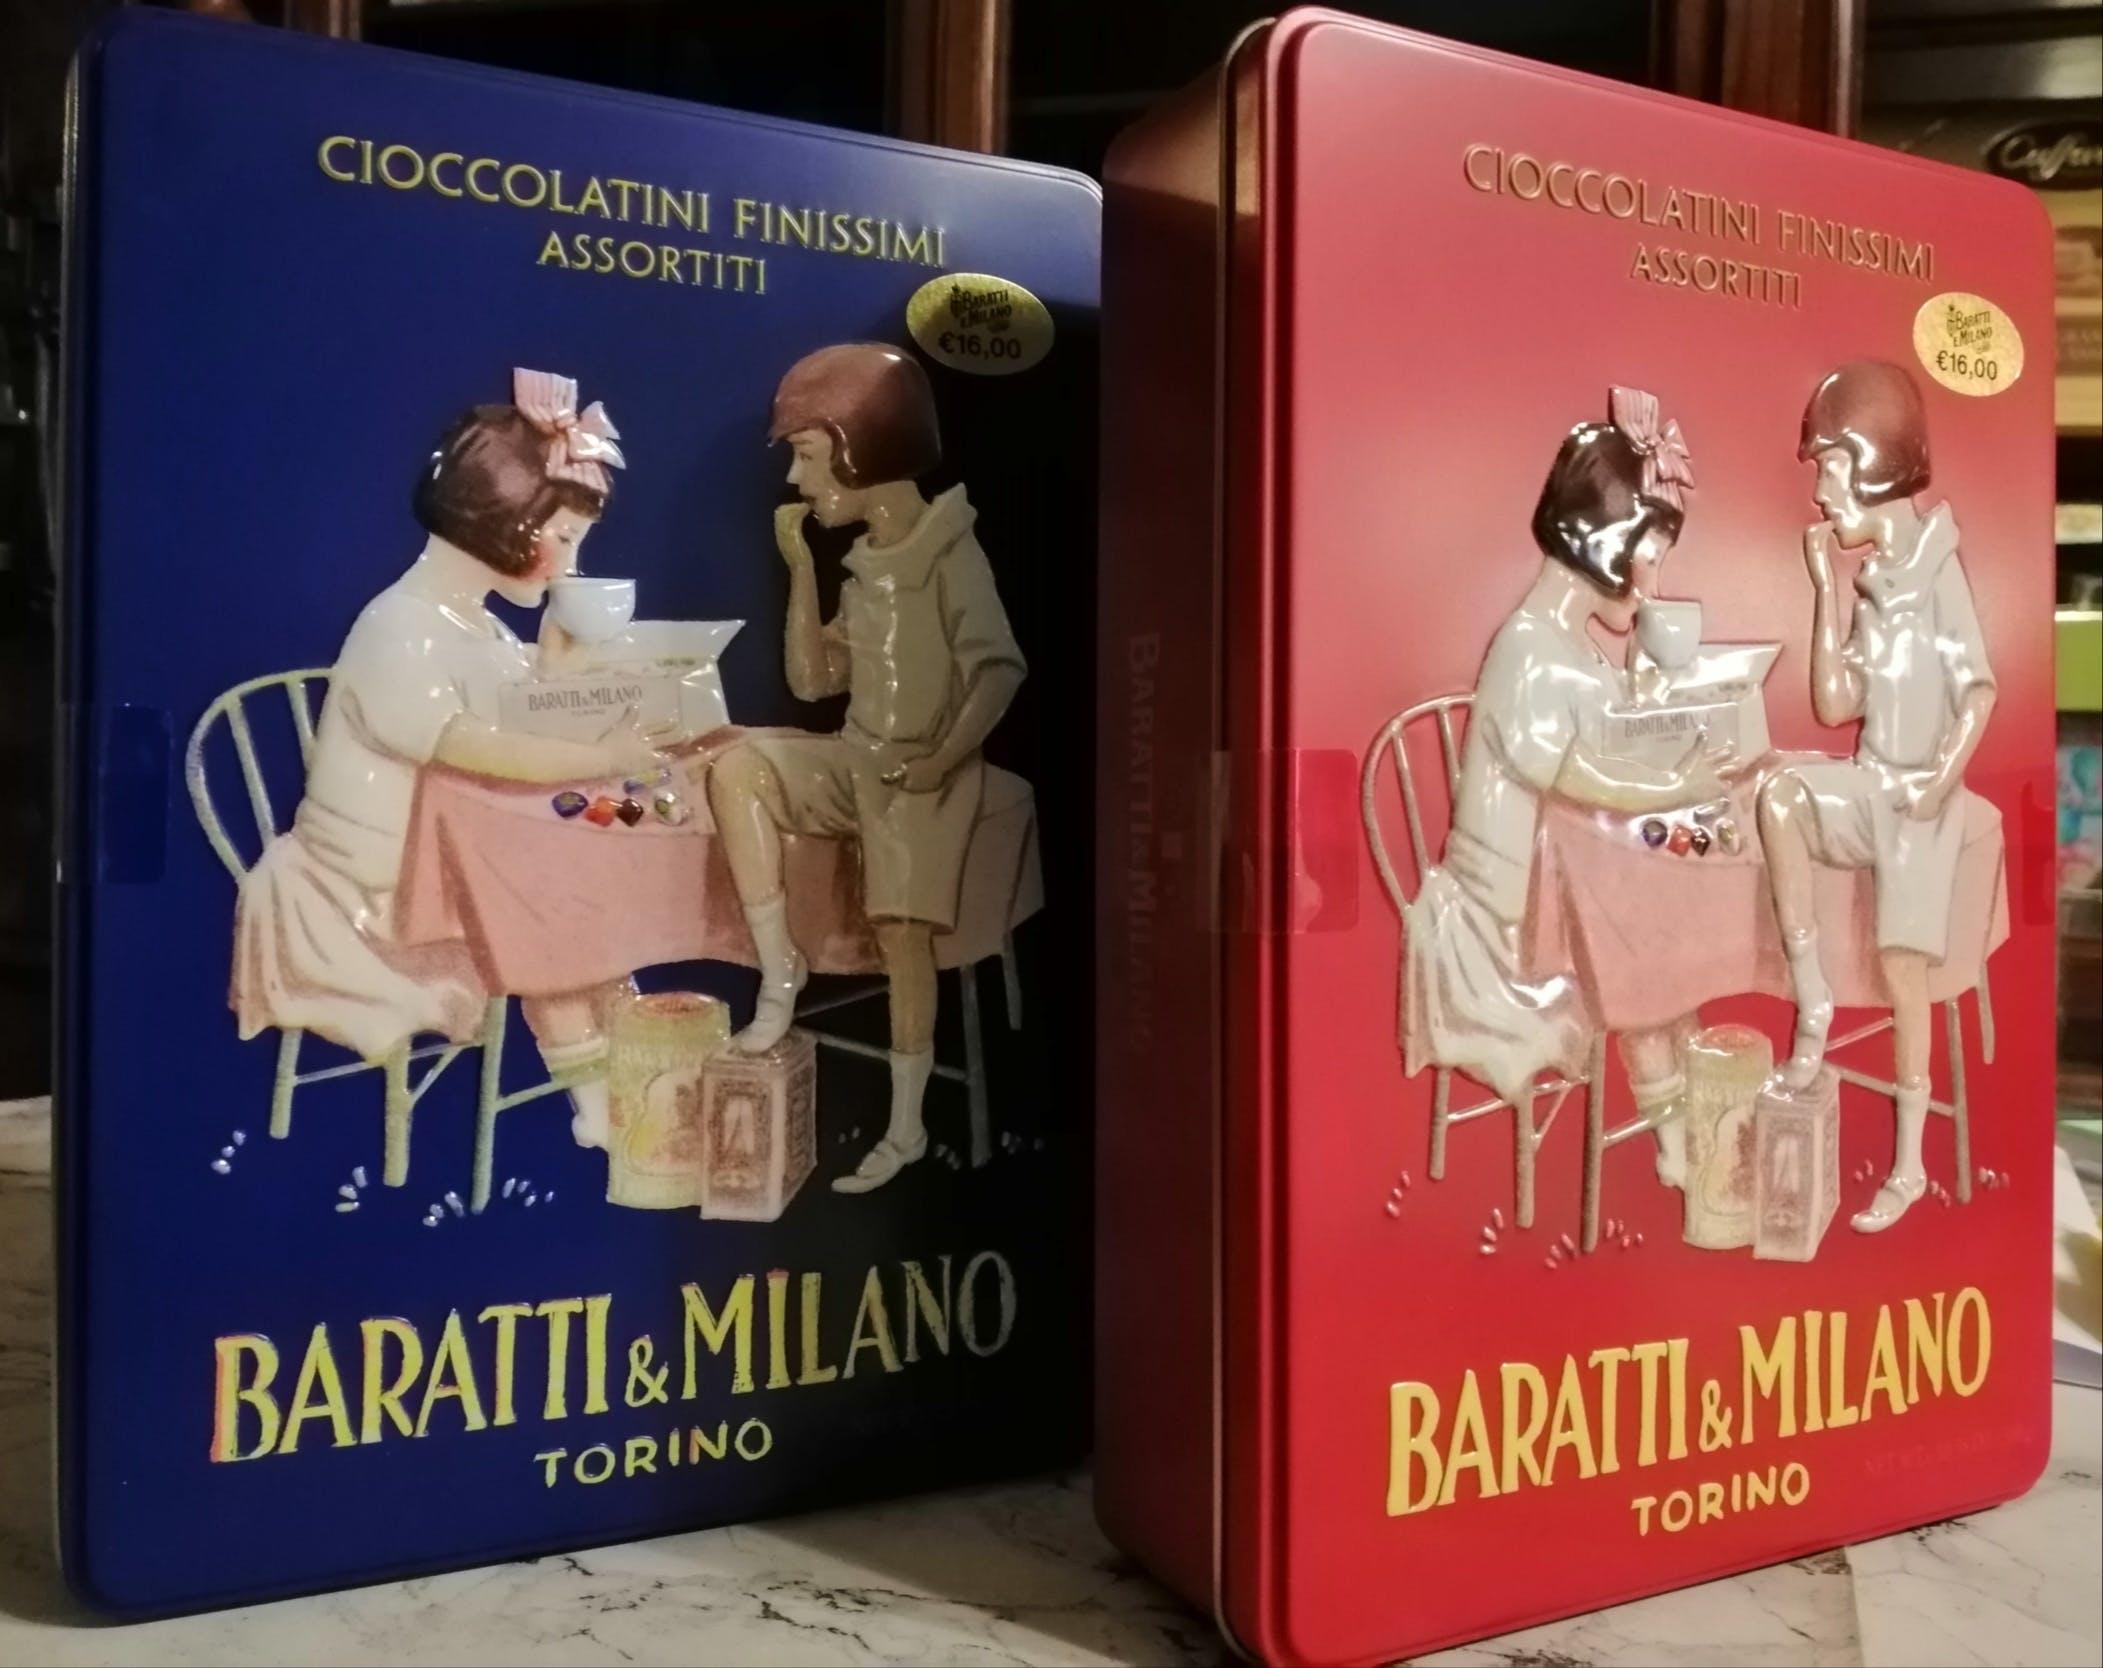 Baratti & Milano, Latta BLU cioccolatini assortiti